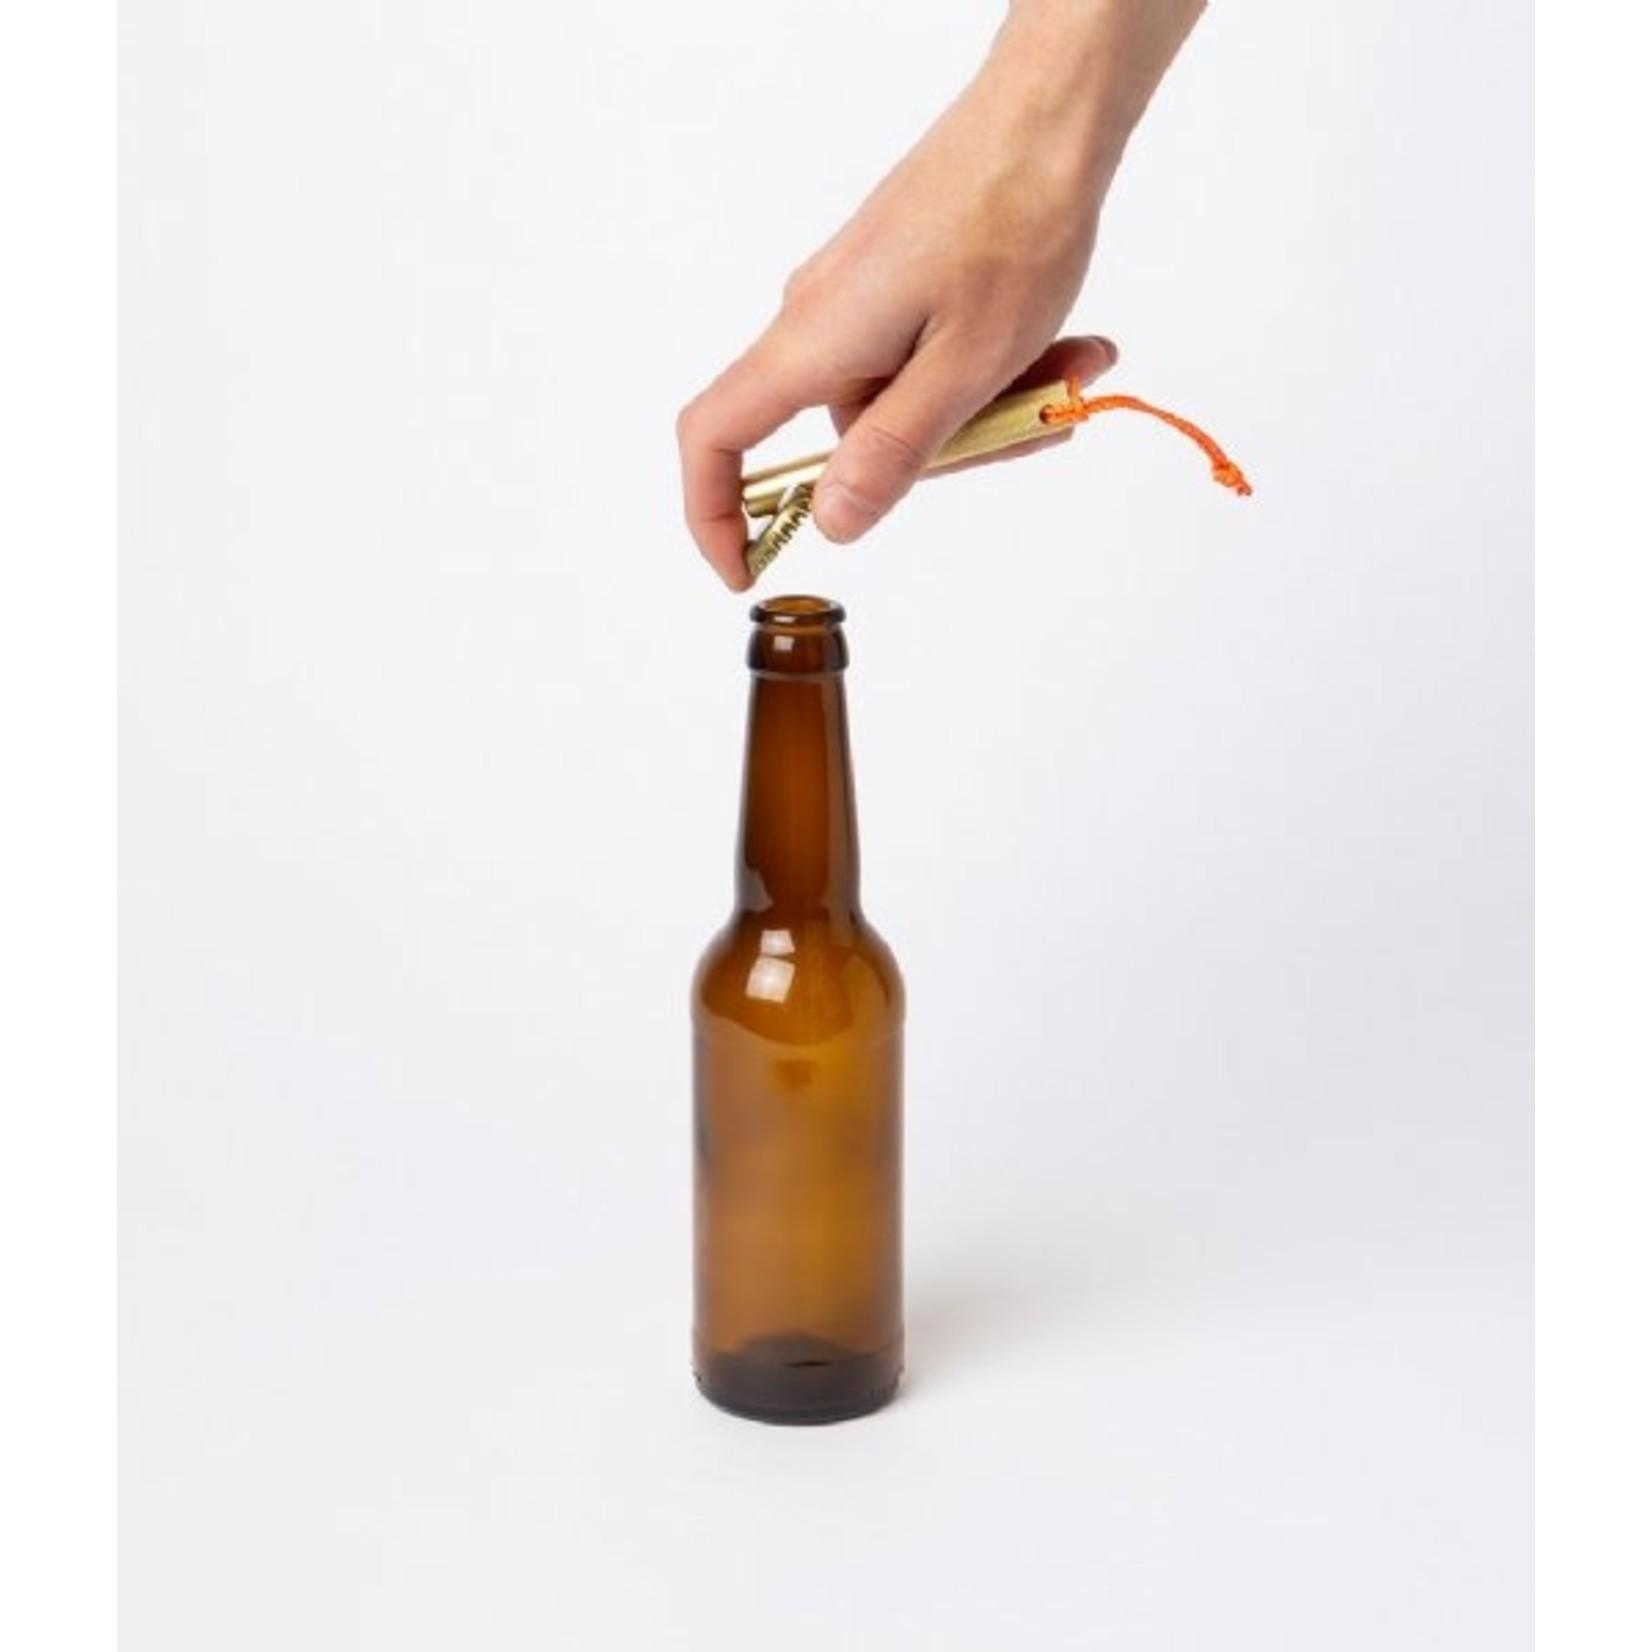 Honom Cast Iron Bottle Opener